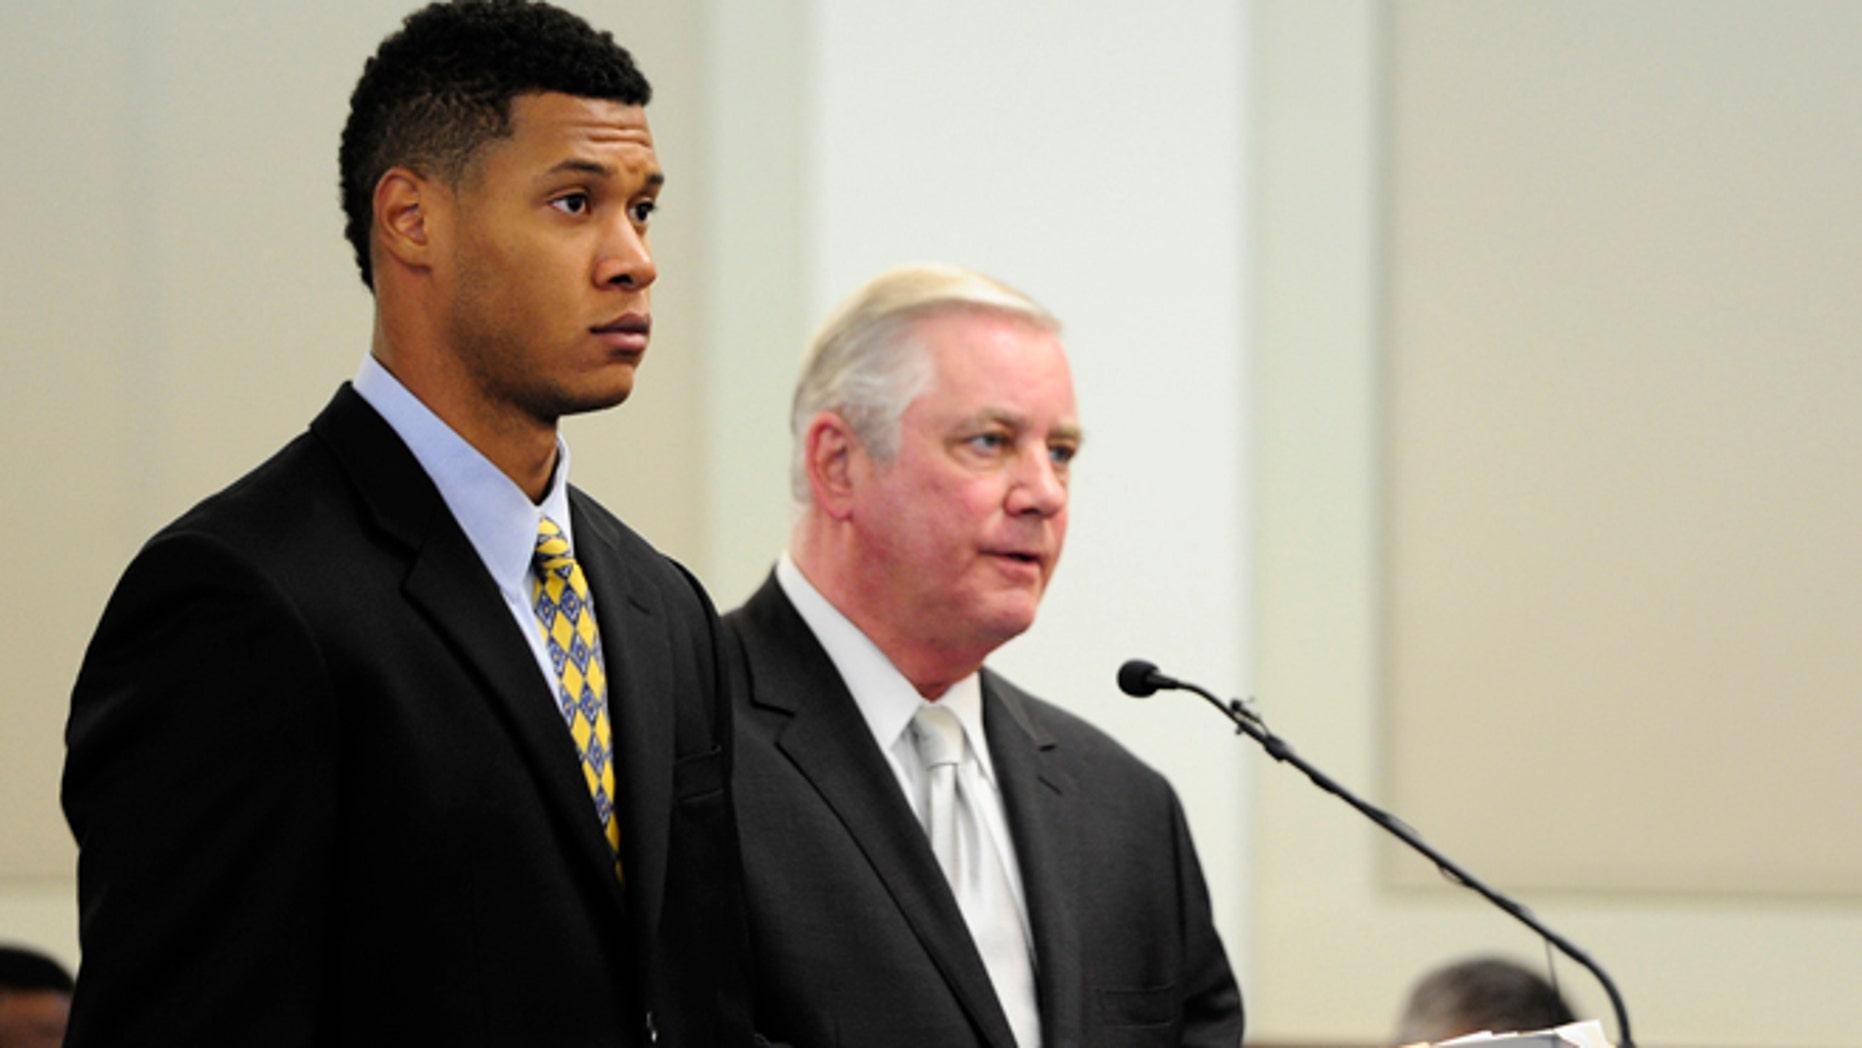 Sept. 13: Chris Boyd, left, appears in a Nashville criminal court hearing in Nashville.